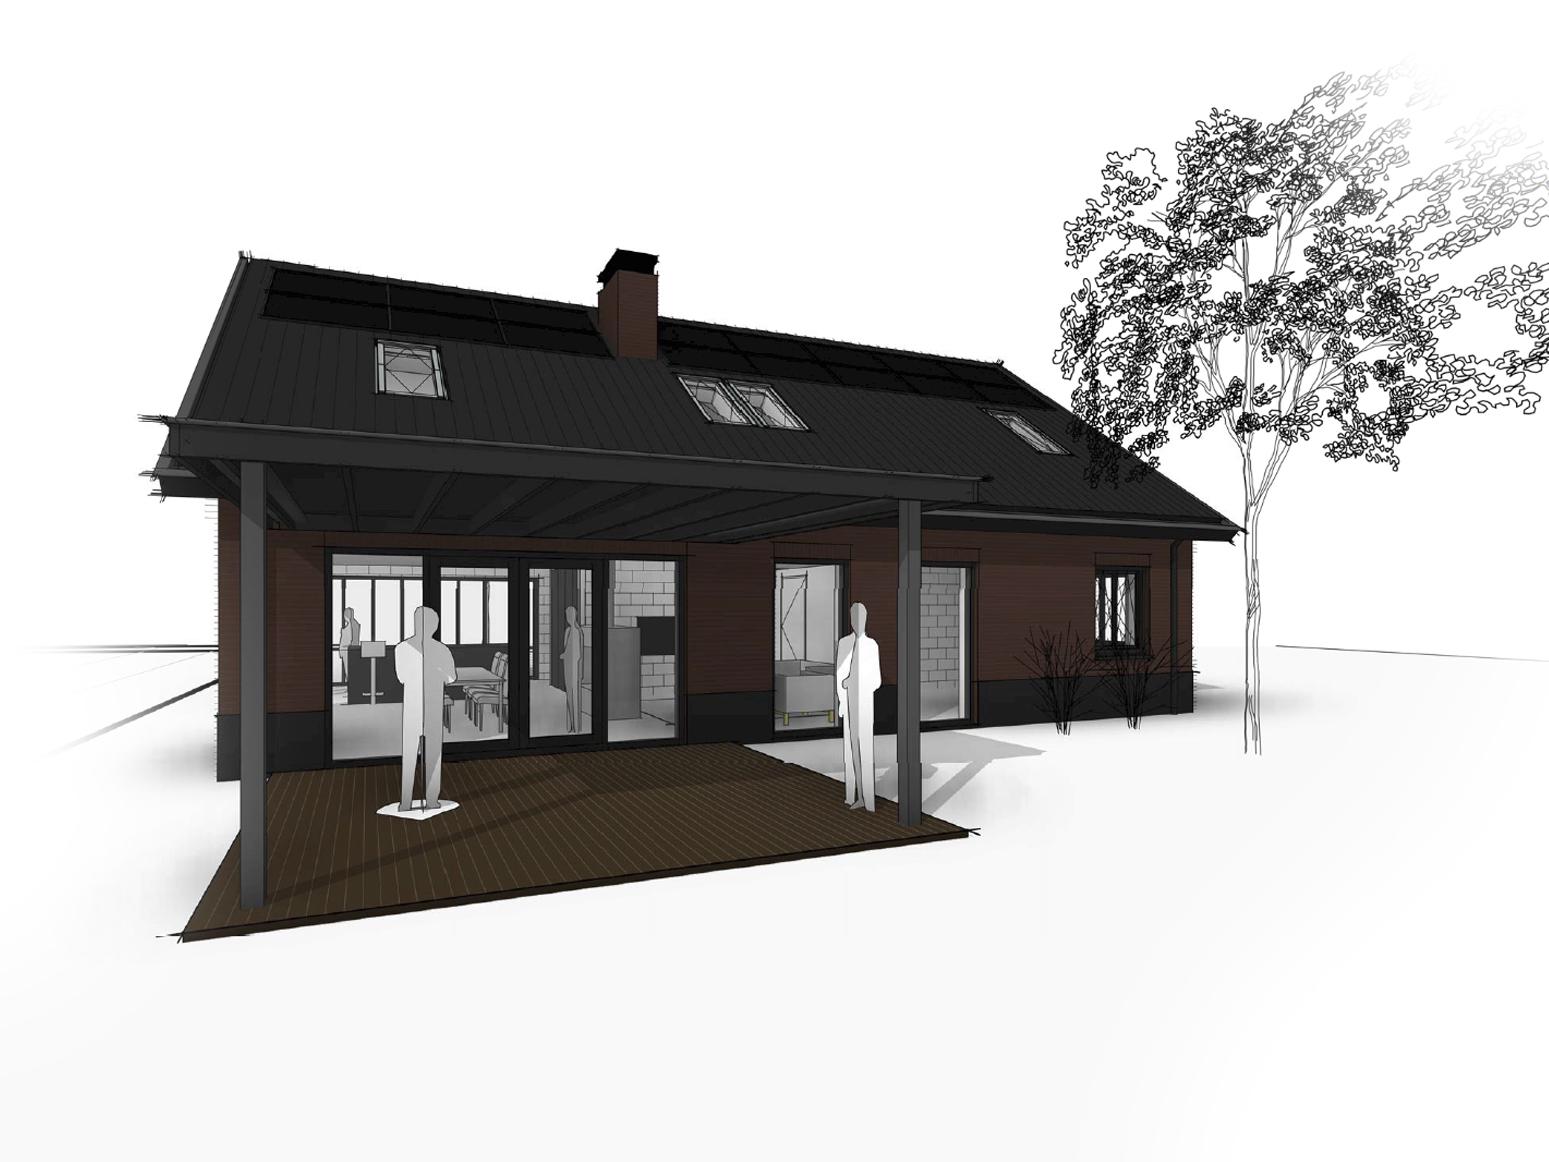 schuurwoning-donker-met-dakpannen-en-dakkapel-twello-van-oord-architectuur-en-design-wenum-wiesel-architect-voorst-architect-apeldoorn